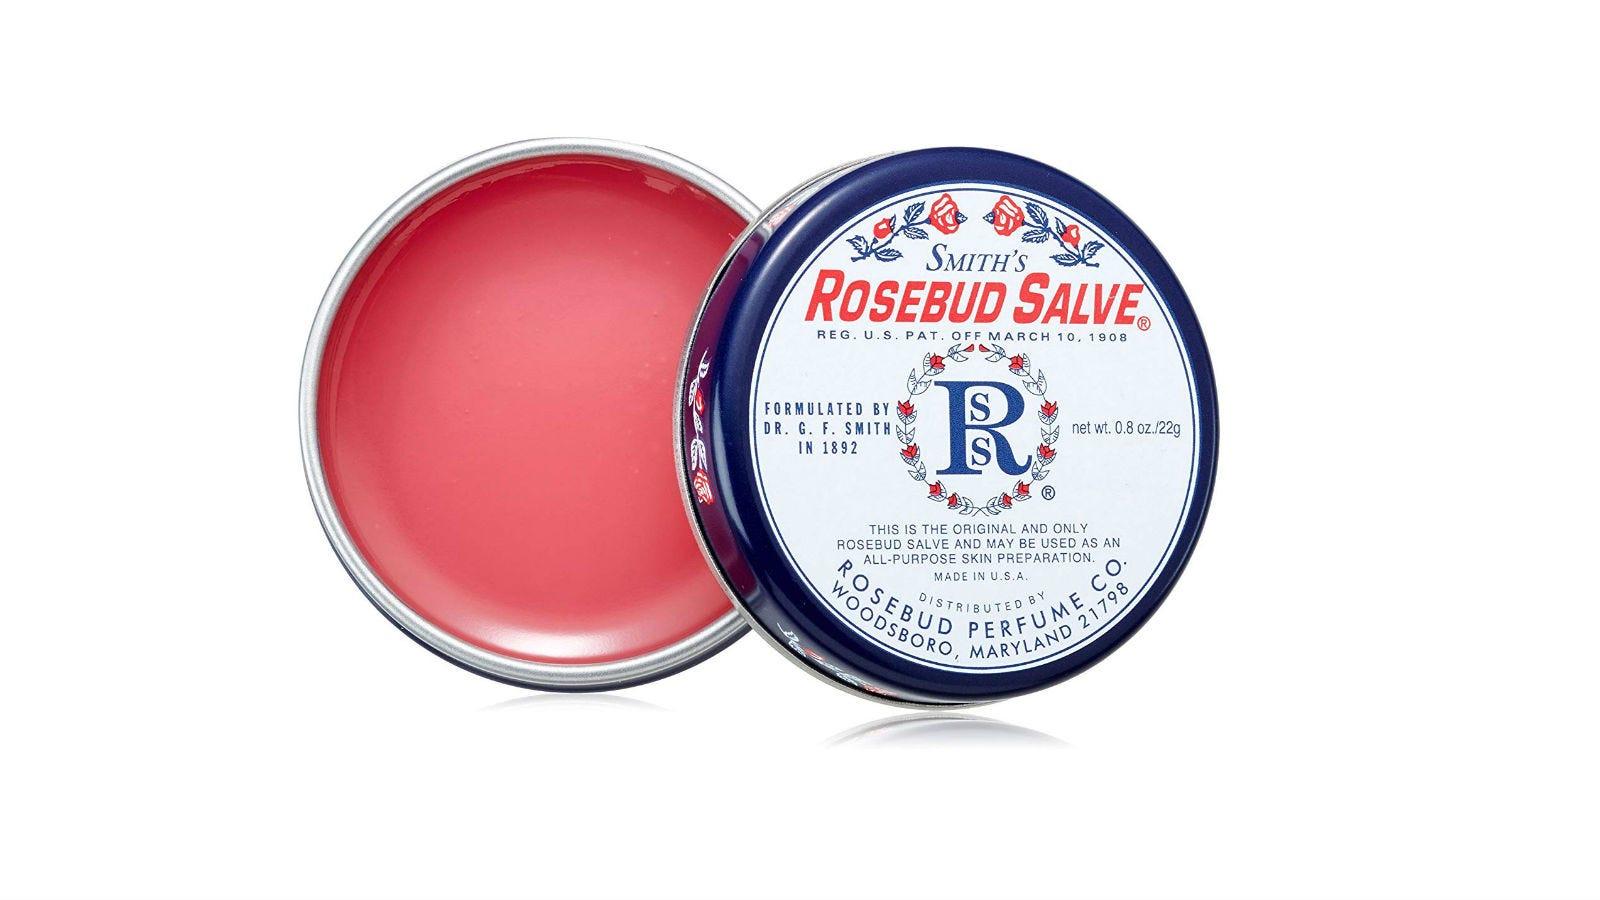 smith's rosebud slave